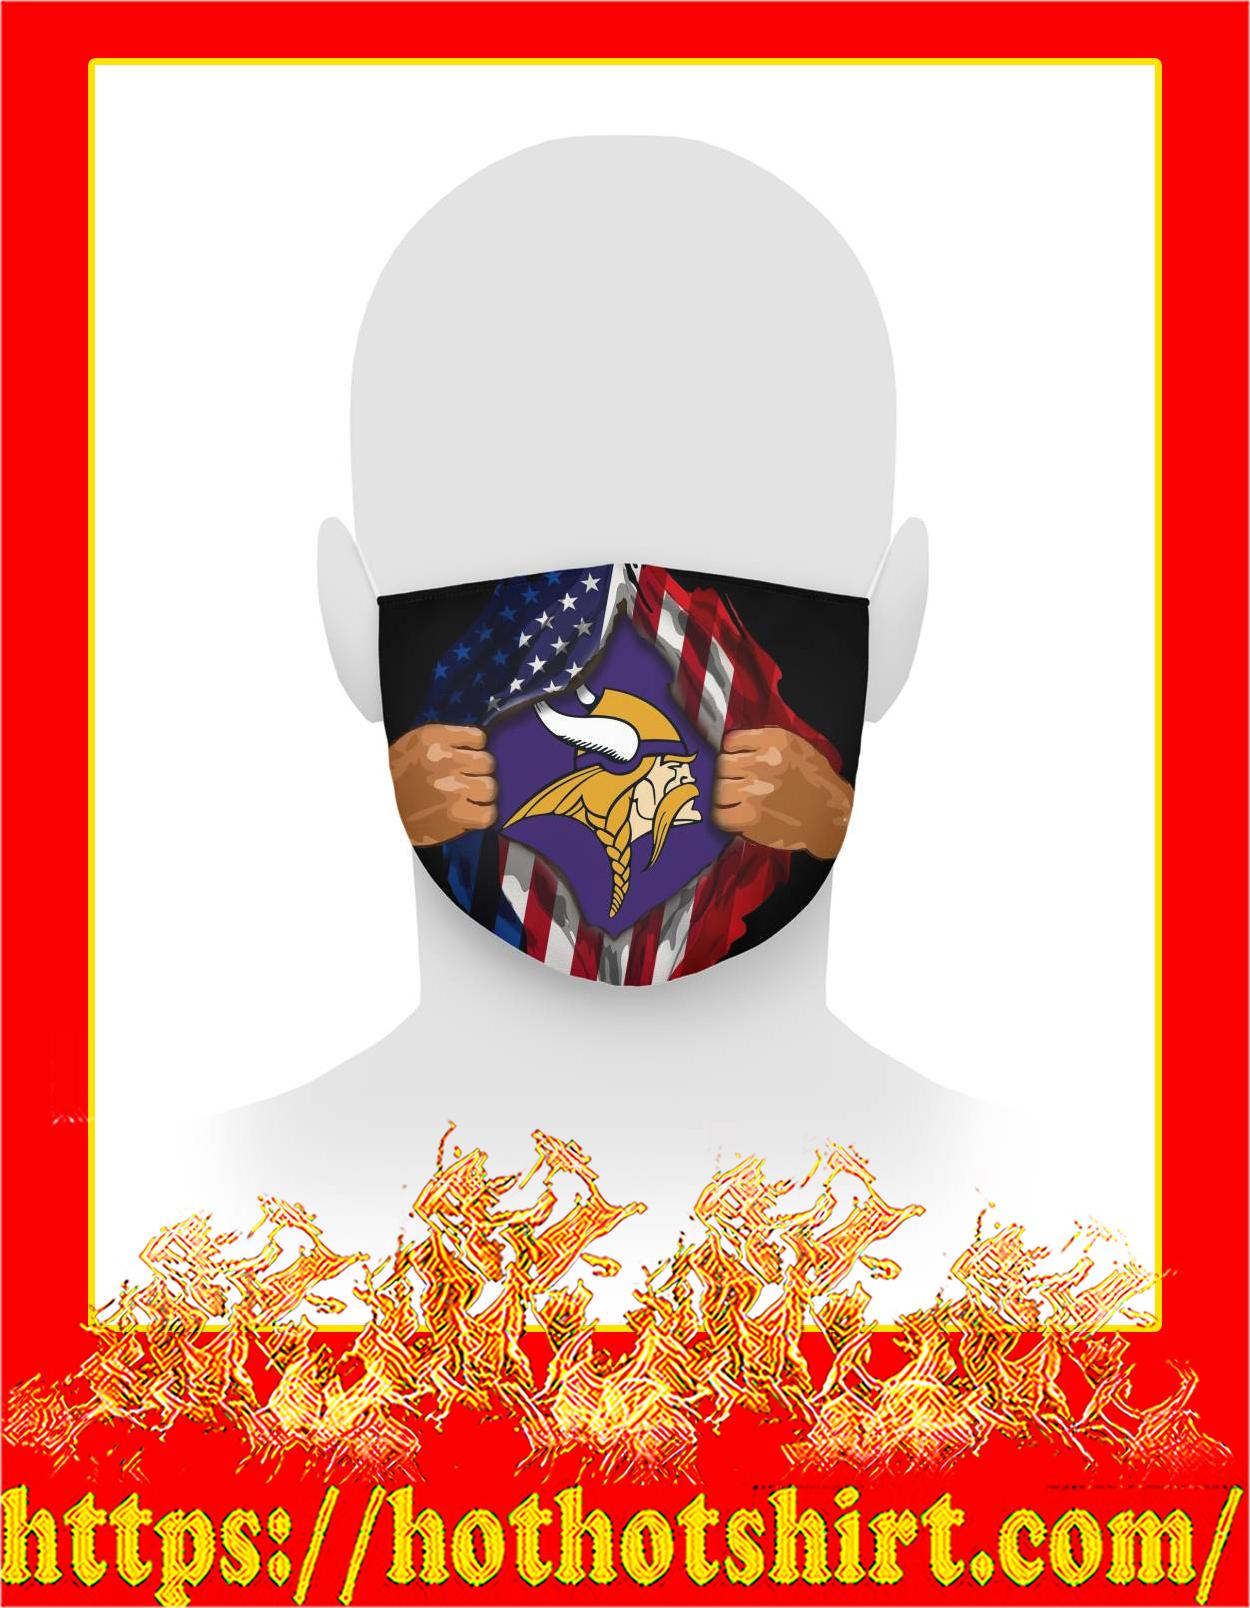 Minnesota vikings inside me american flag face mask - detail